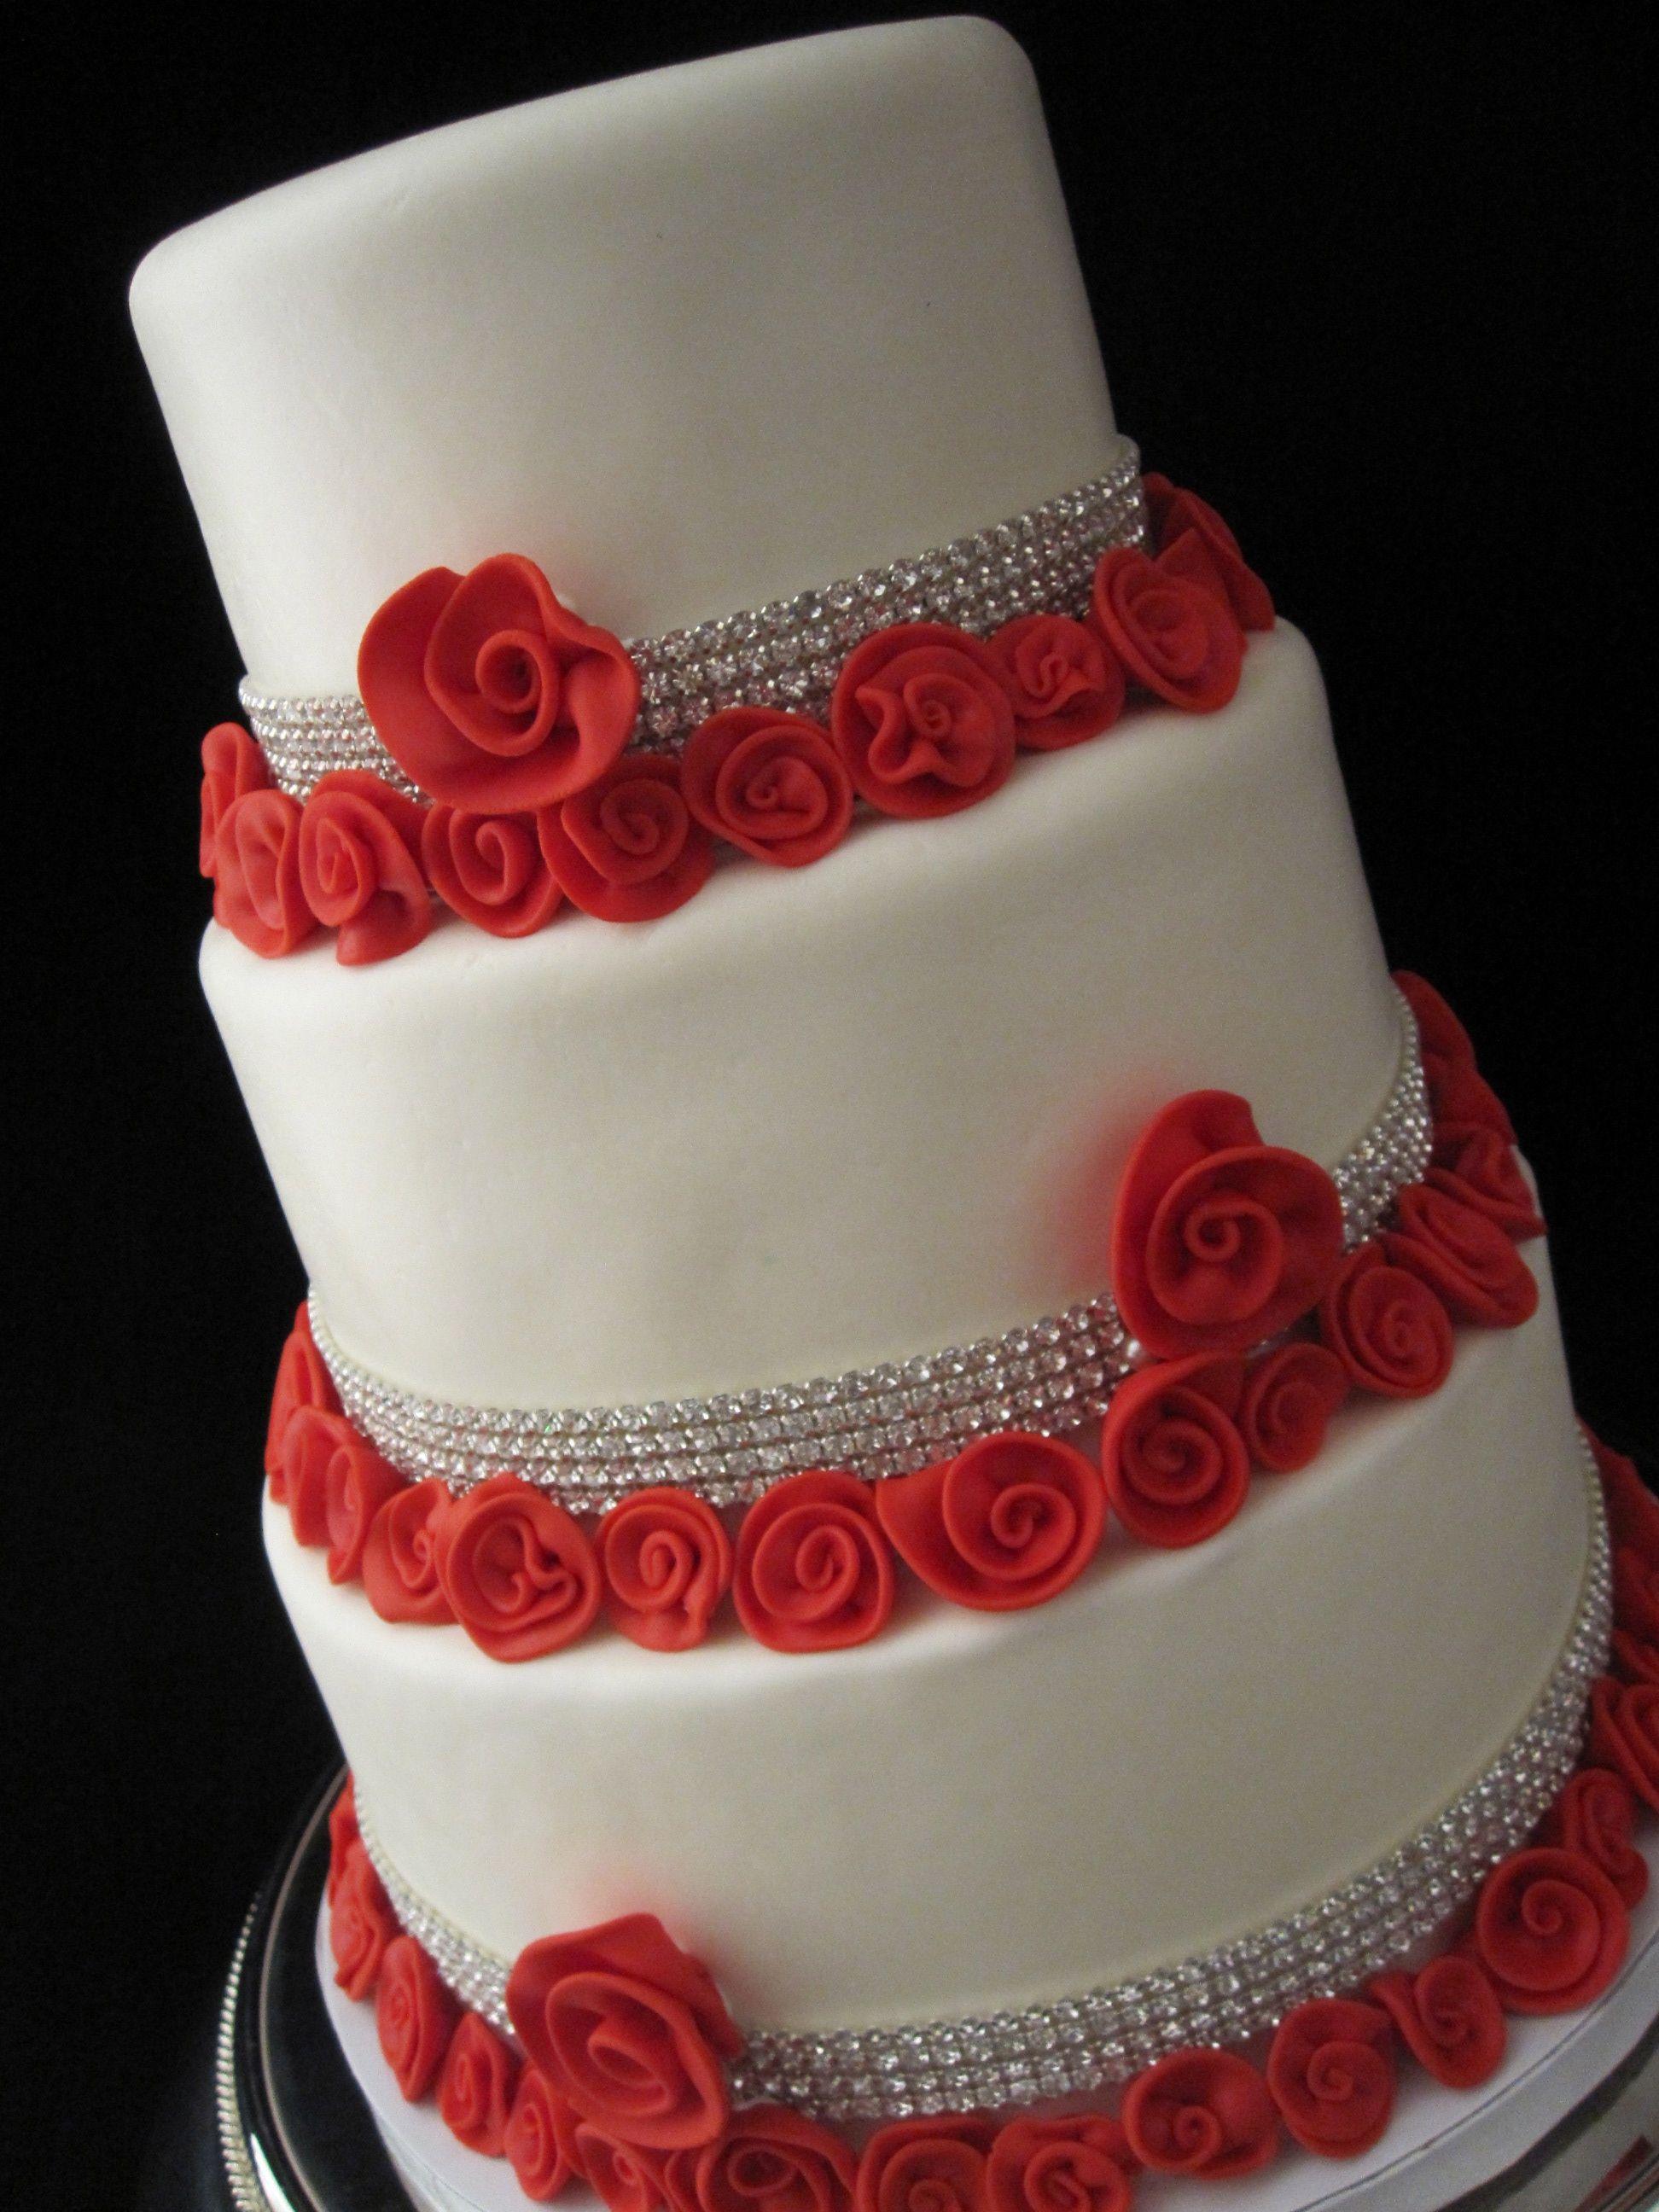 red wedding cake 08 Red Wedding Cake